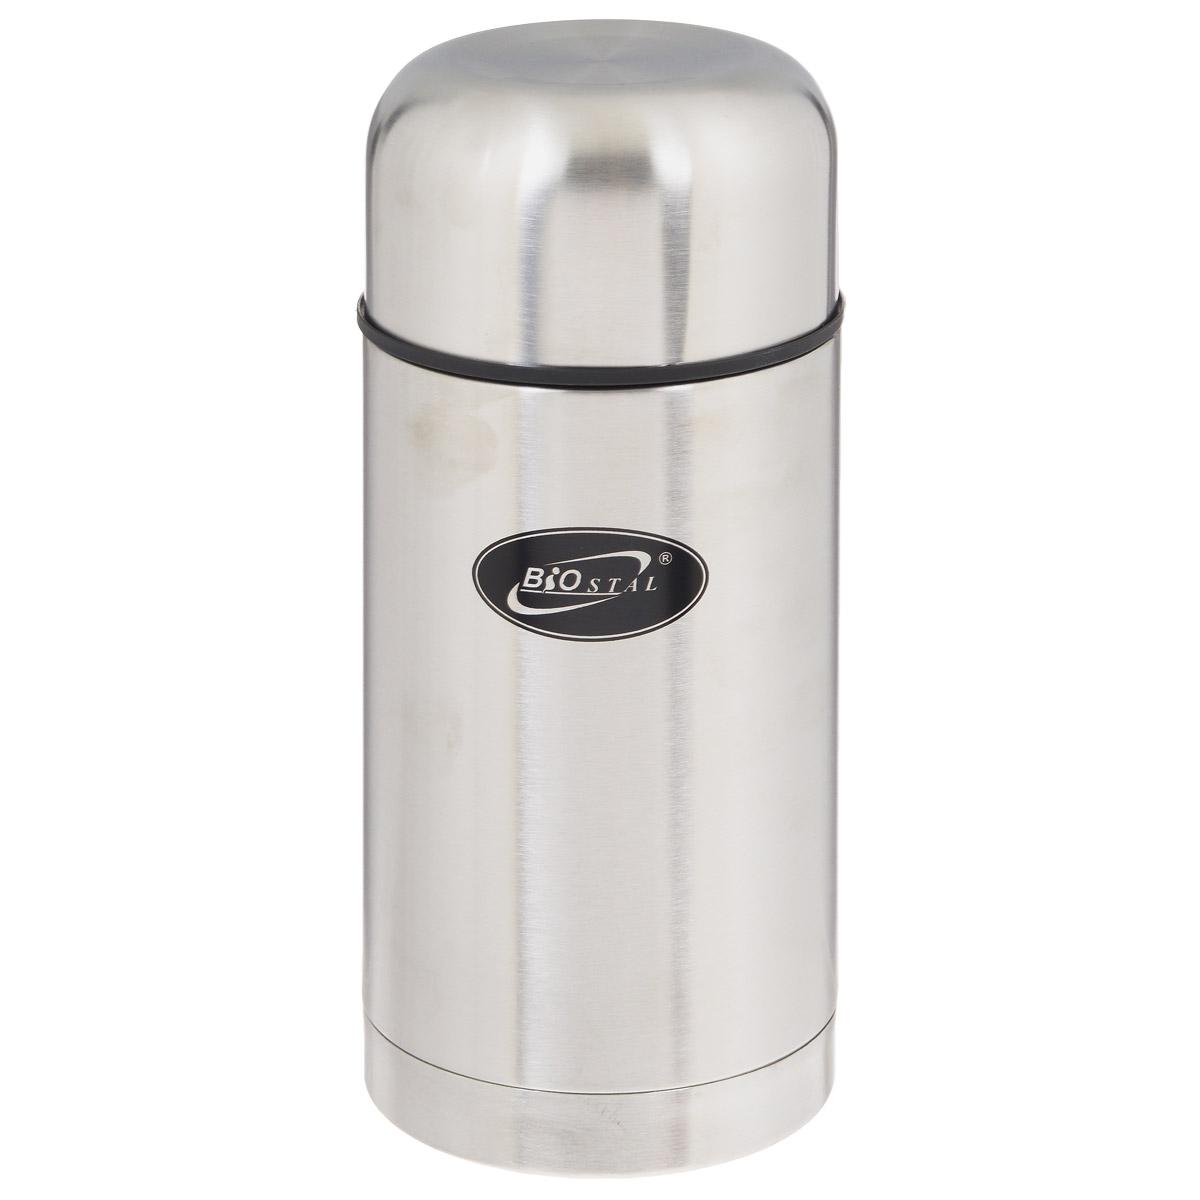 Термос BIOSTAL, в чехле, 1 л. NT-1000NT-1000Пищевой термос с широким горлом BIOSTAL, изготовленный из высококачественной нержавеющей стали, относится к классической серии. Термосы этой серии, являющейся лидером продаж, просты в использовании, экономичны и многофункциональны. Термос с широким горлом предназначен для хранения горячей и холодной пищи, замороженных продуктов, мороженного, фруктов и льда и укомплектован пробкой с клапаном. Такая пробка обладает дополнительной теплоизоляцией и позволяет термосу дольше хранить тепло, а клапан облегчает его открытие. Изделие также оснащено крышкой-чашкой и текстильным чехлом для хранения и переноски термоса. Легкий и прочный термос BIOSTAL сохранит ваши напитки горячими или холодными надолго.